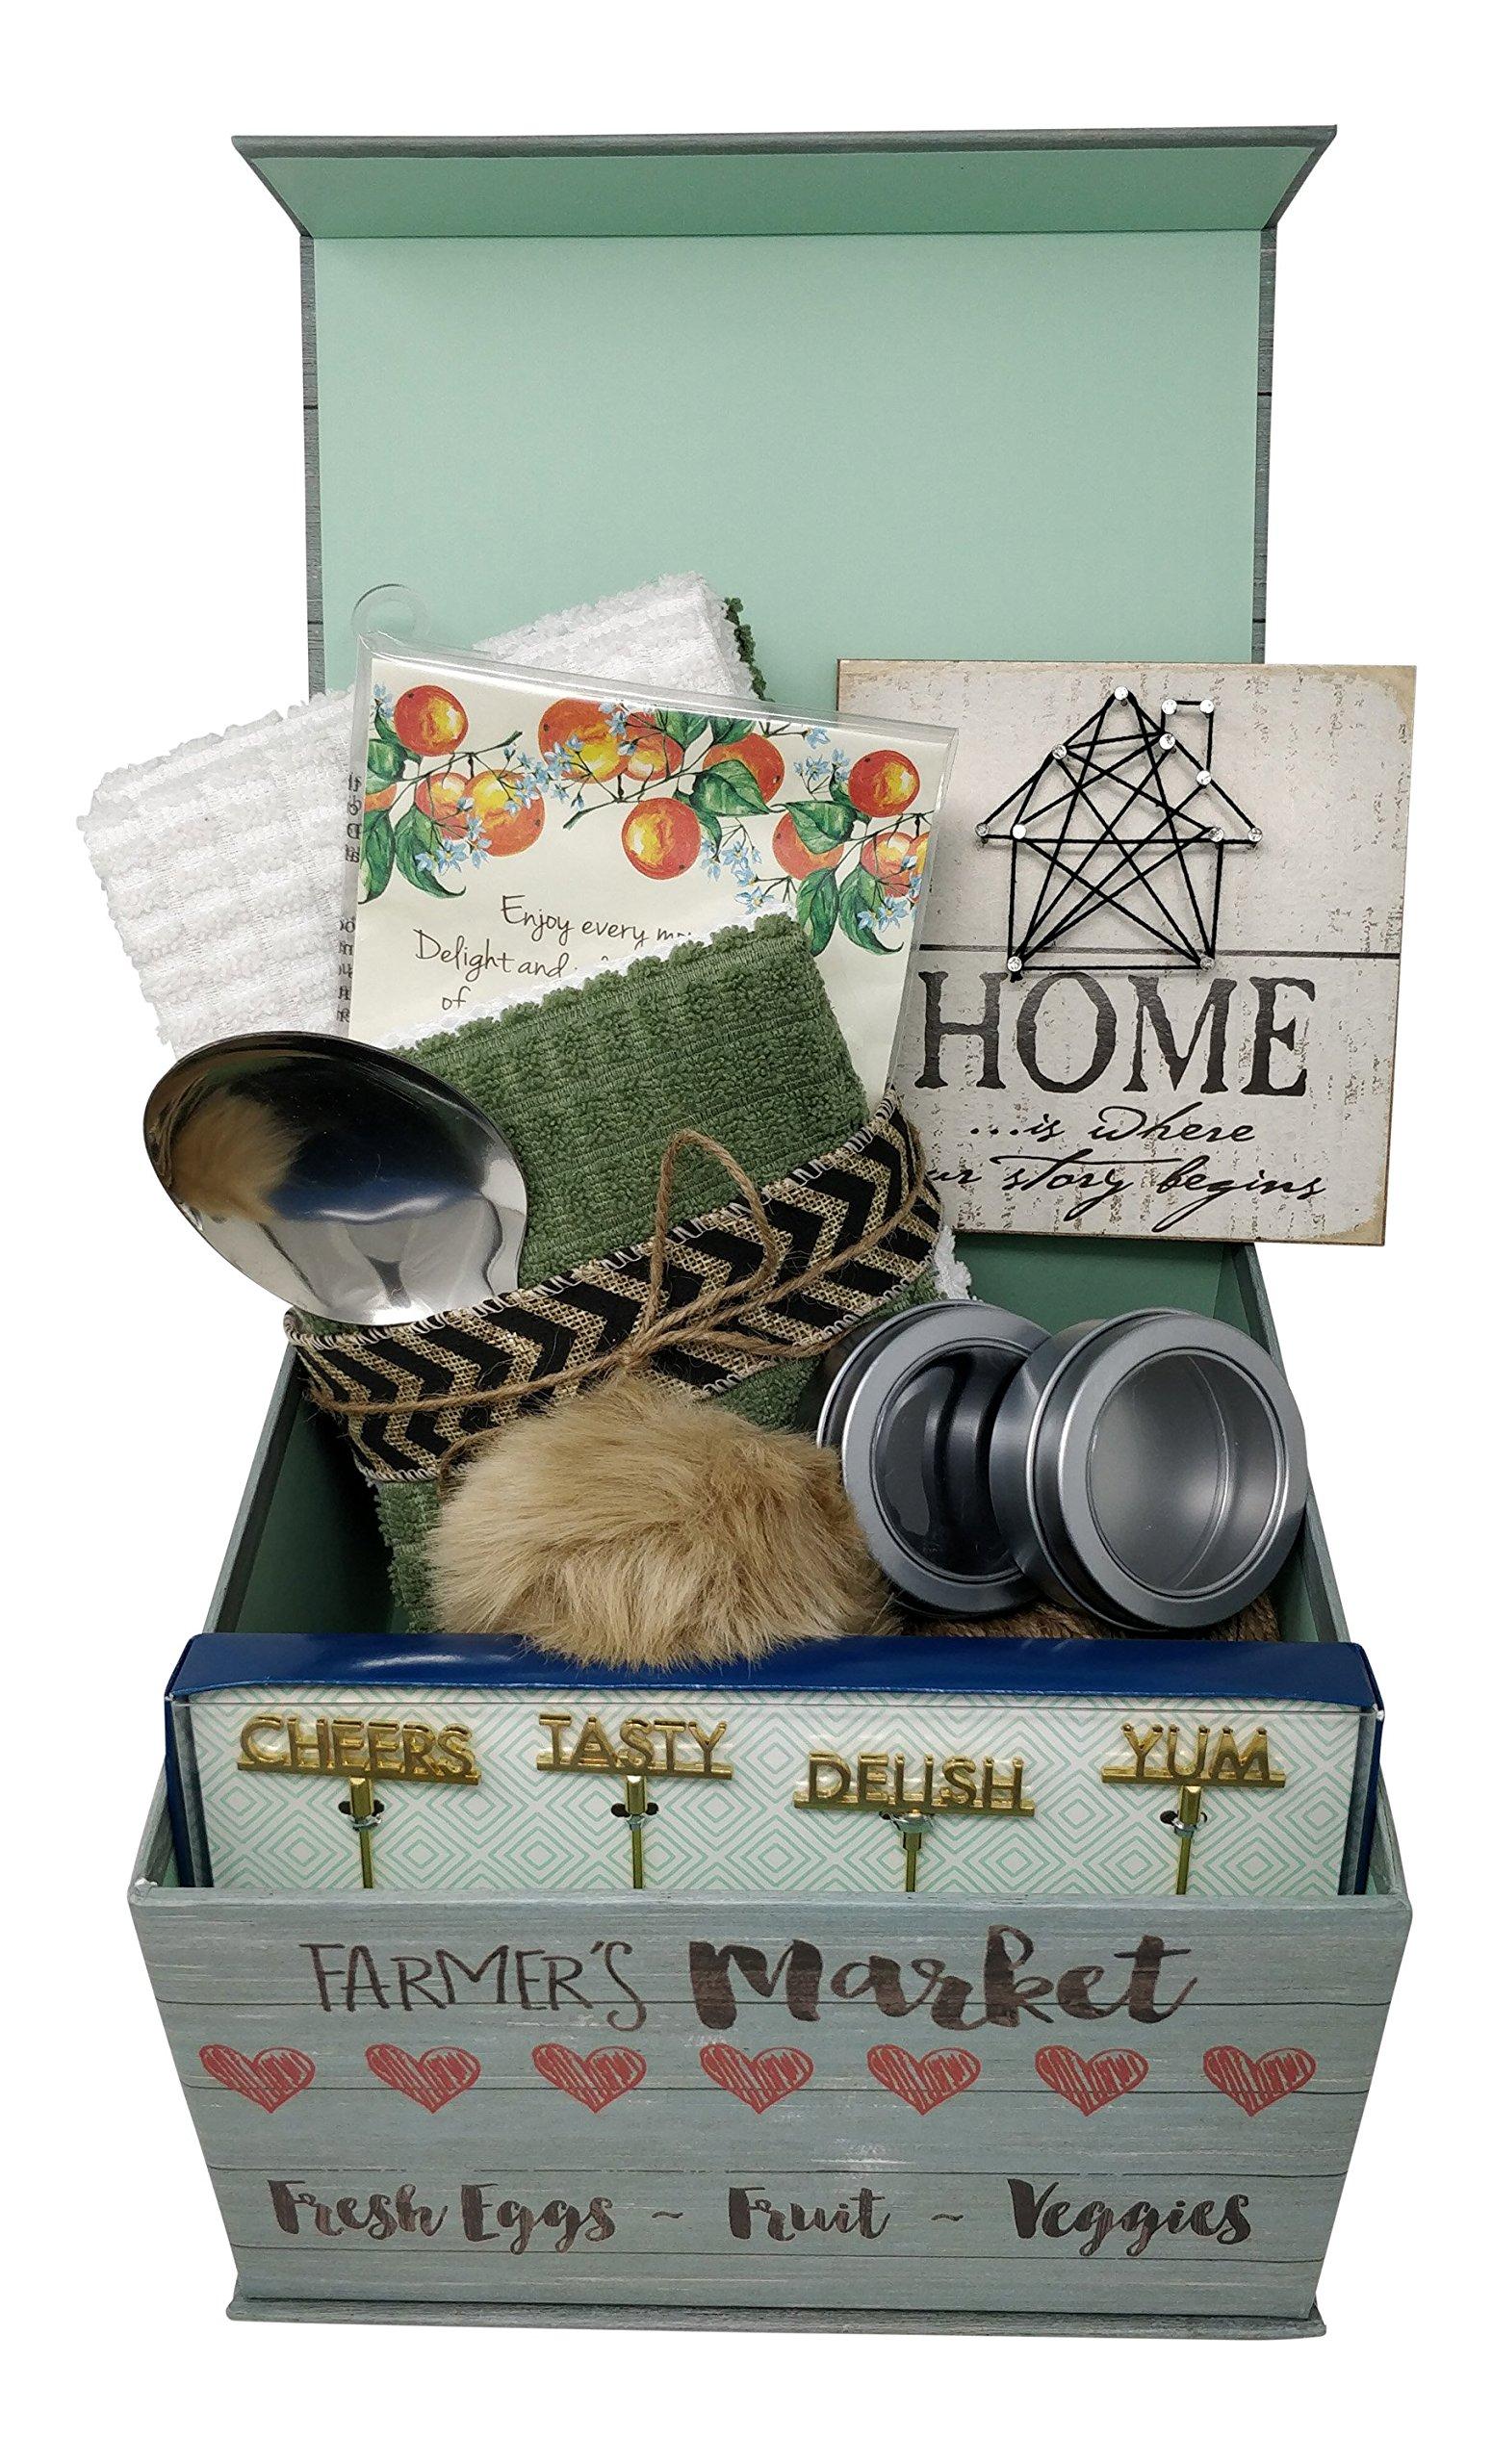 Combination Housewarming Gift Basket Farmhouse Decor 6 Piece Kitchen Towel Set For New Home Couples Women Unique Gift Ideas